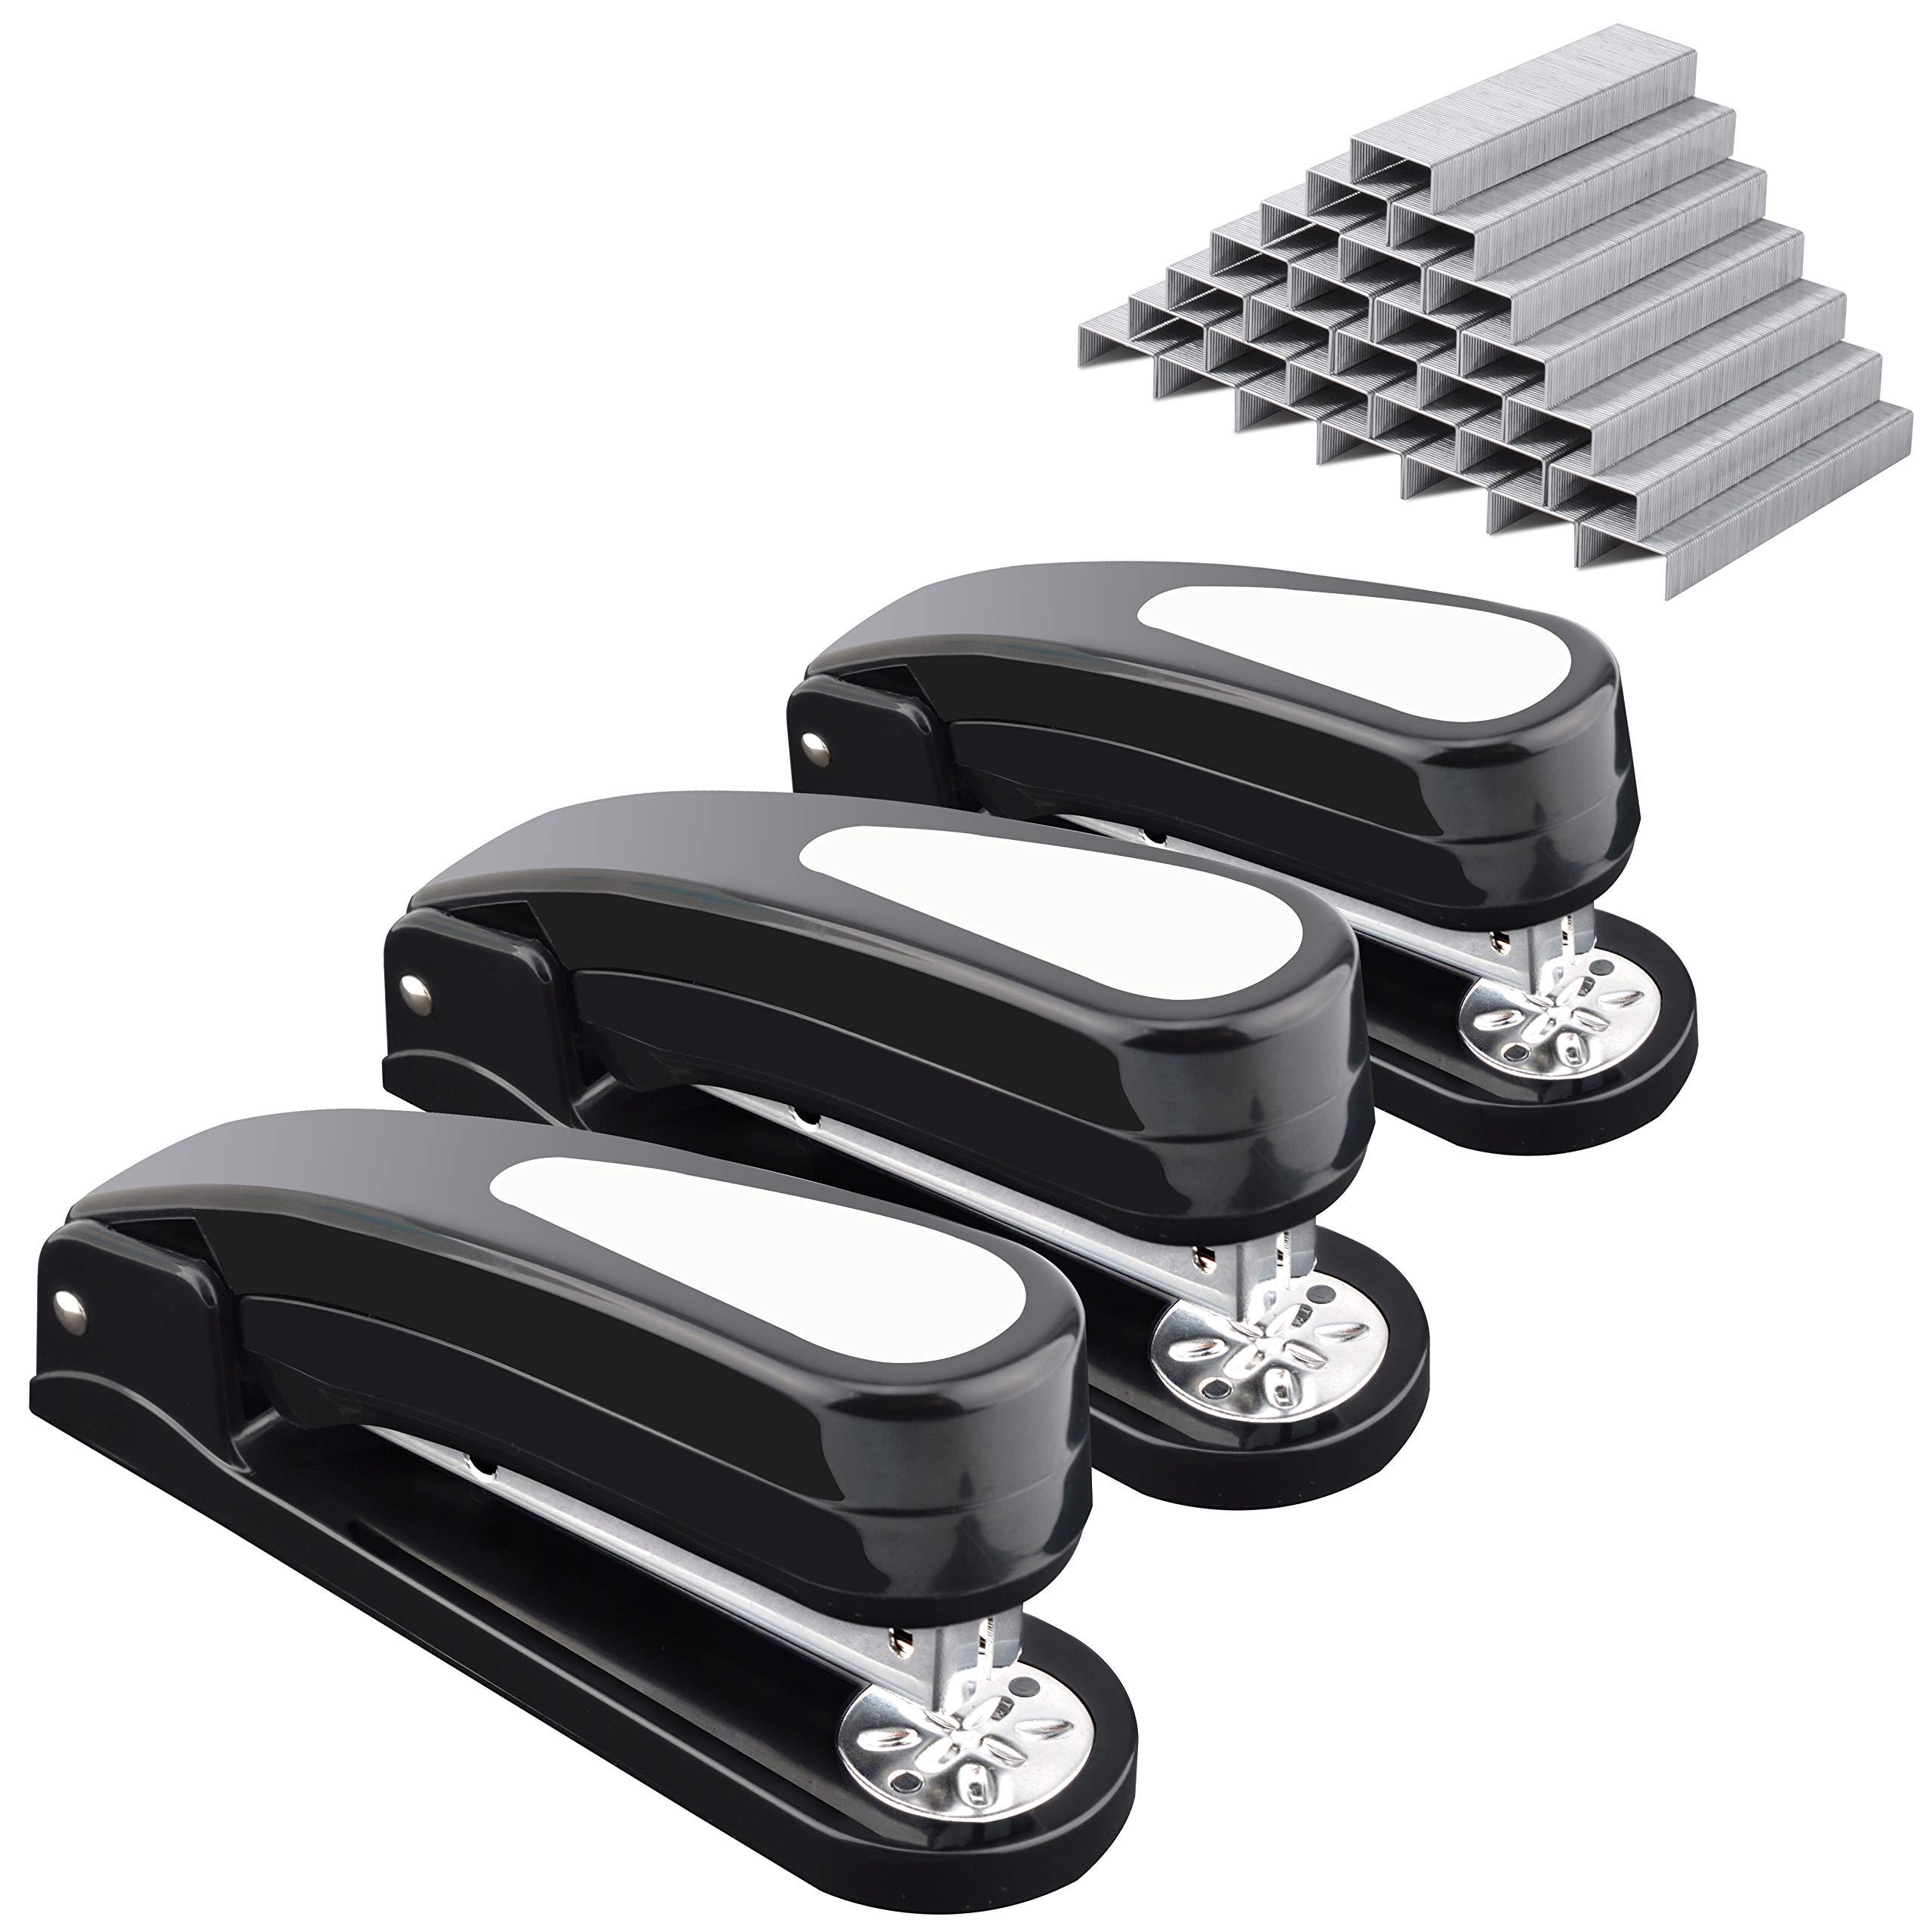 MROCO Desk Stapler, 360 Degree Rotatable Stapler, 20 Sheets Capacity with 3000 Staples, Half Stapler, Specialized for Booklet Stapling, Staples for Swingline Staples, Bostitch Staples,3 Pack(Black)